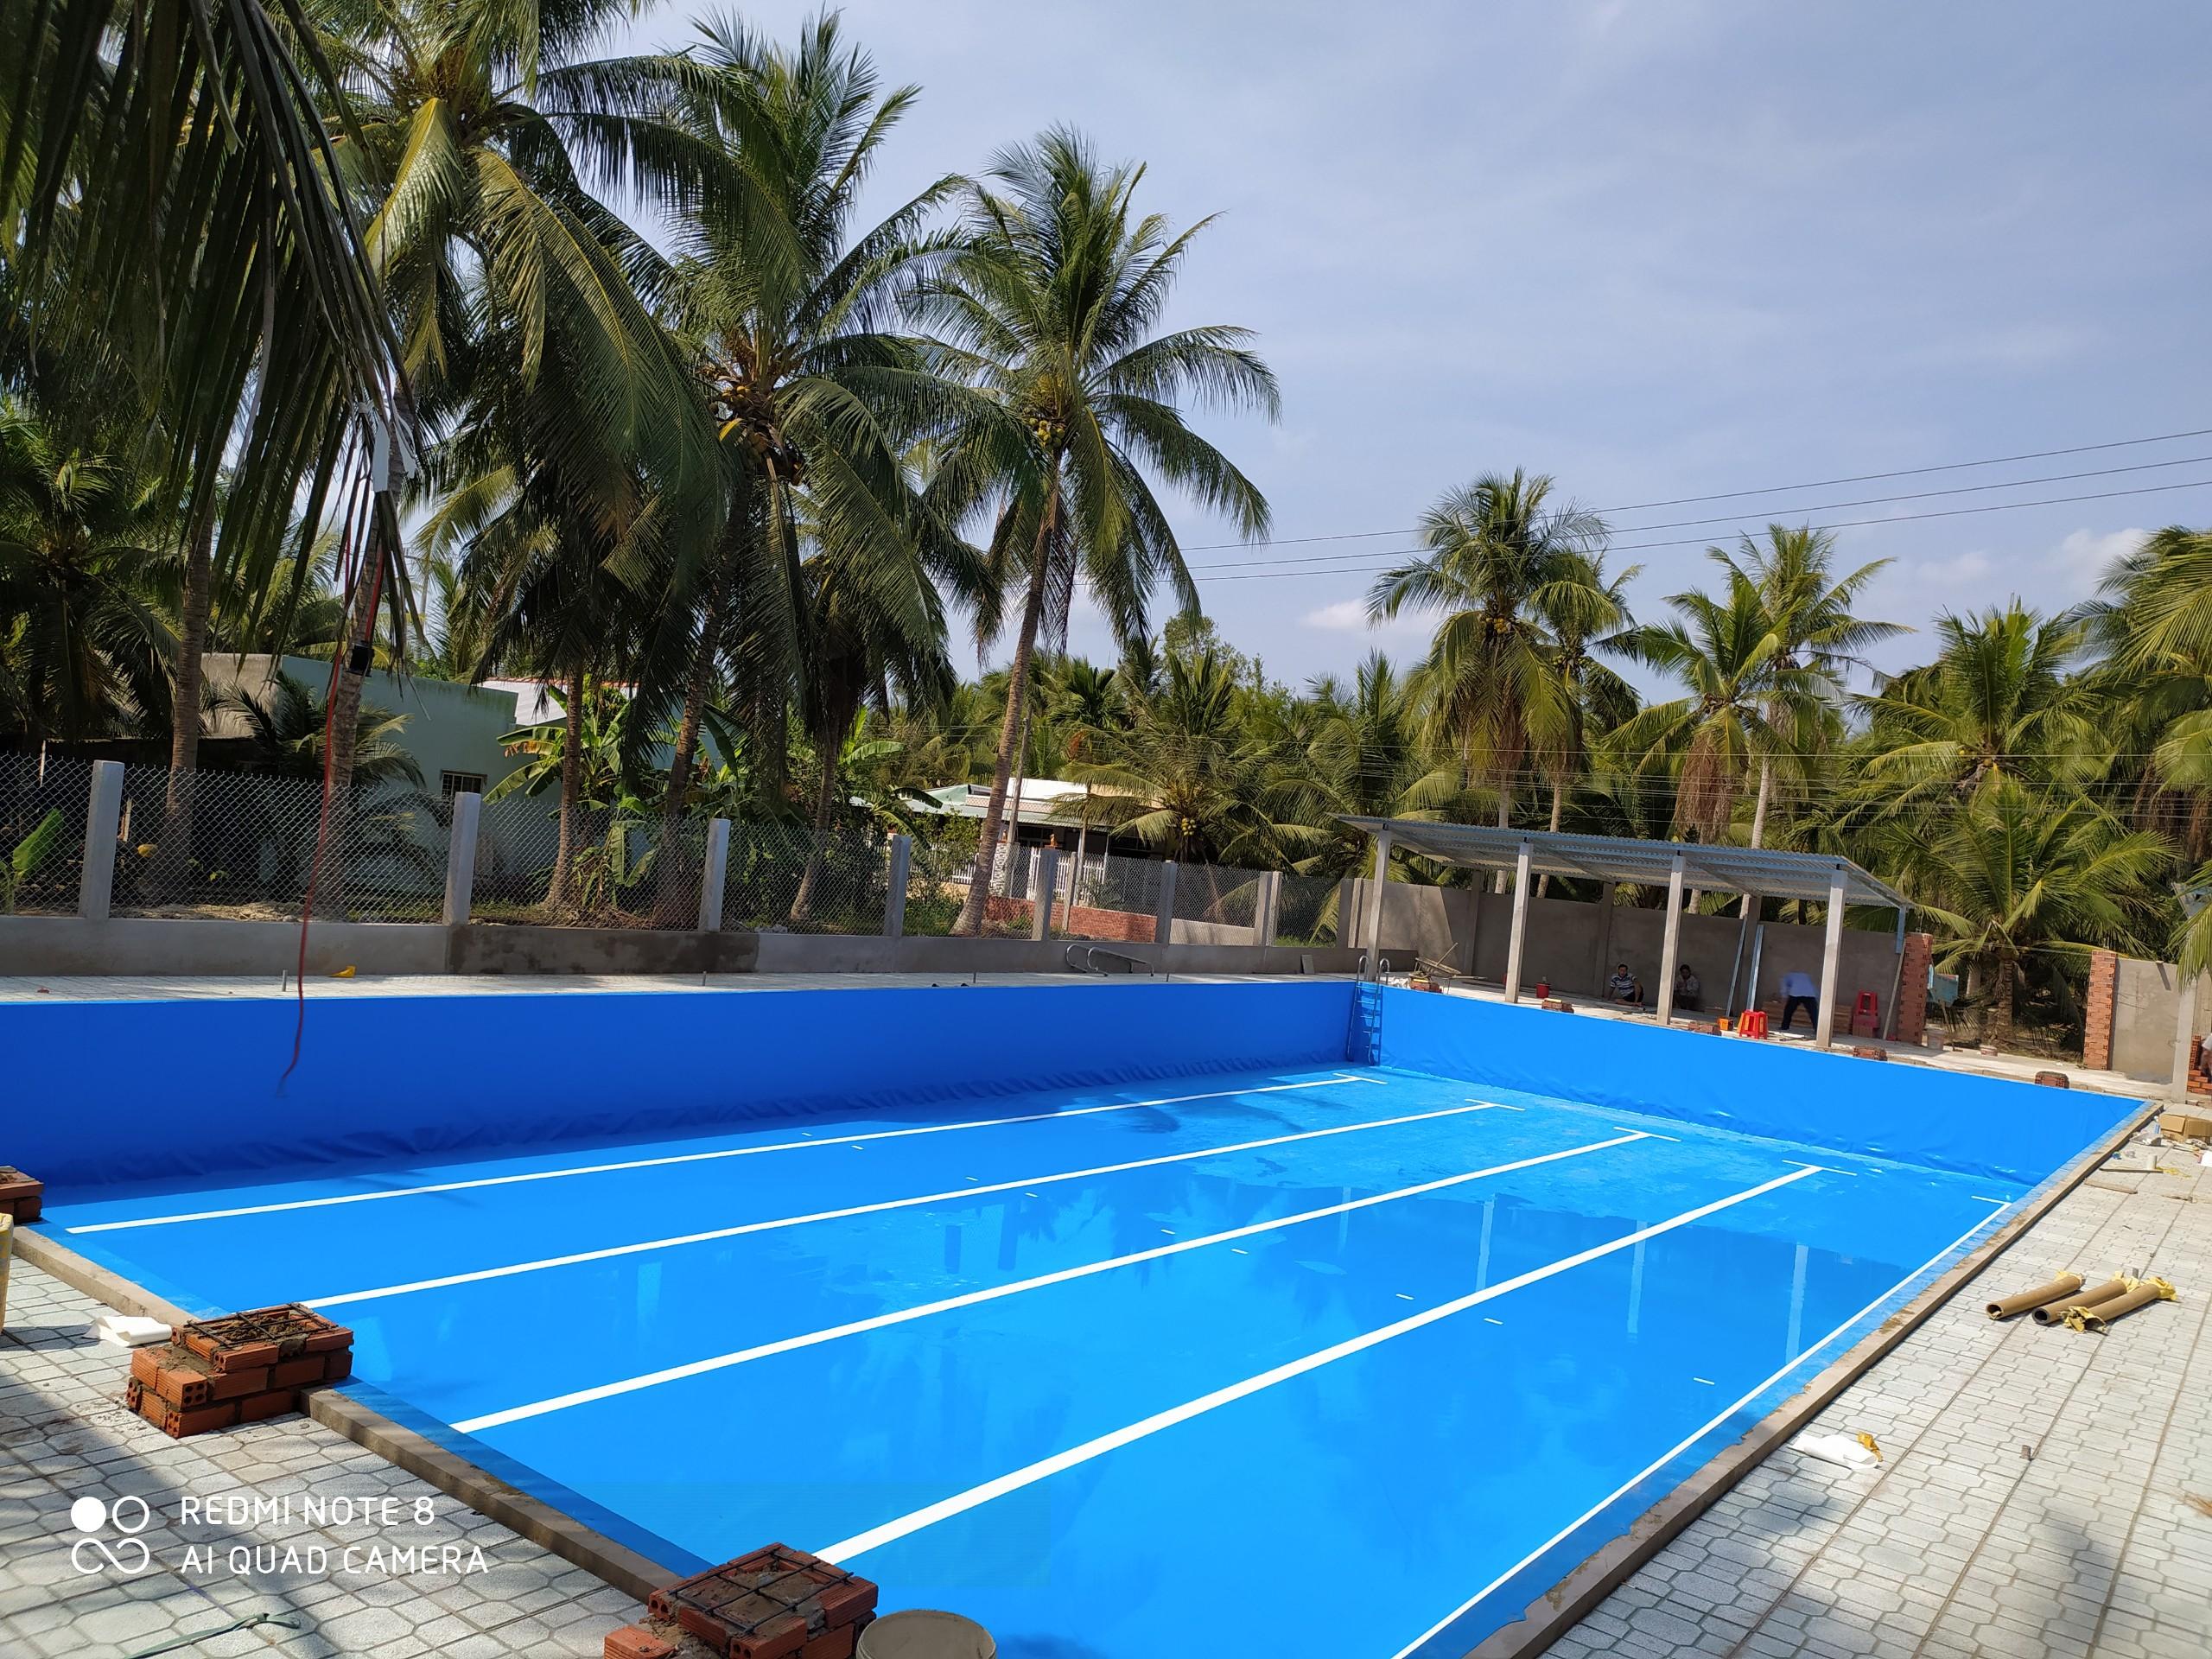 hồ bơi âm lót bạt pvc bền đẹp